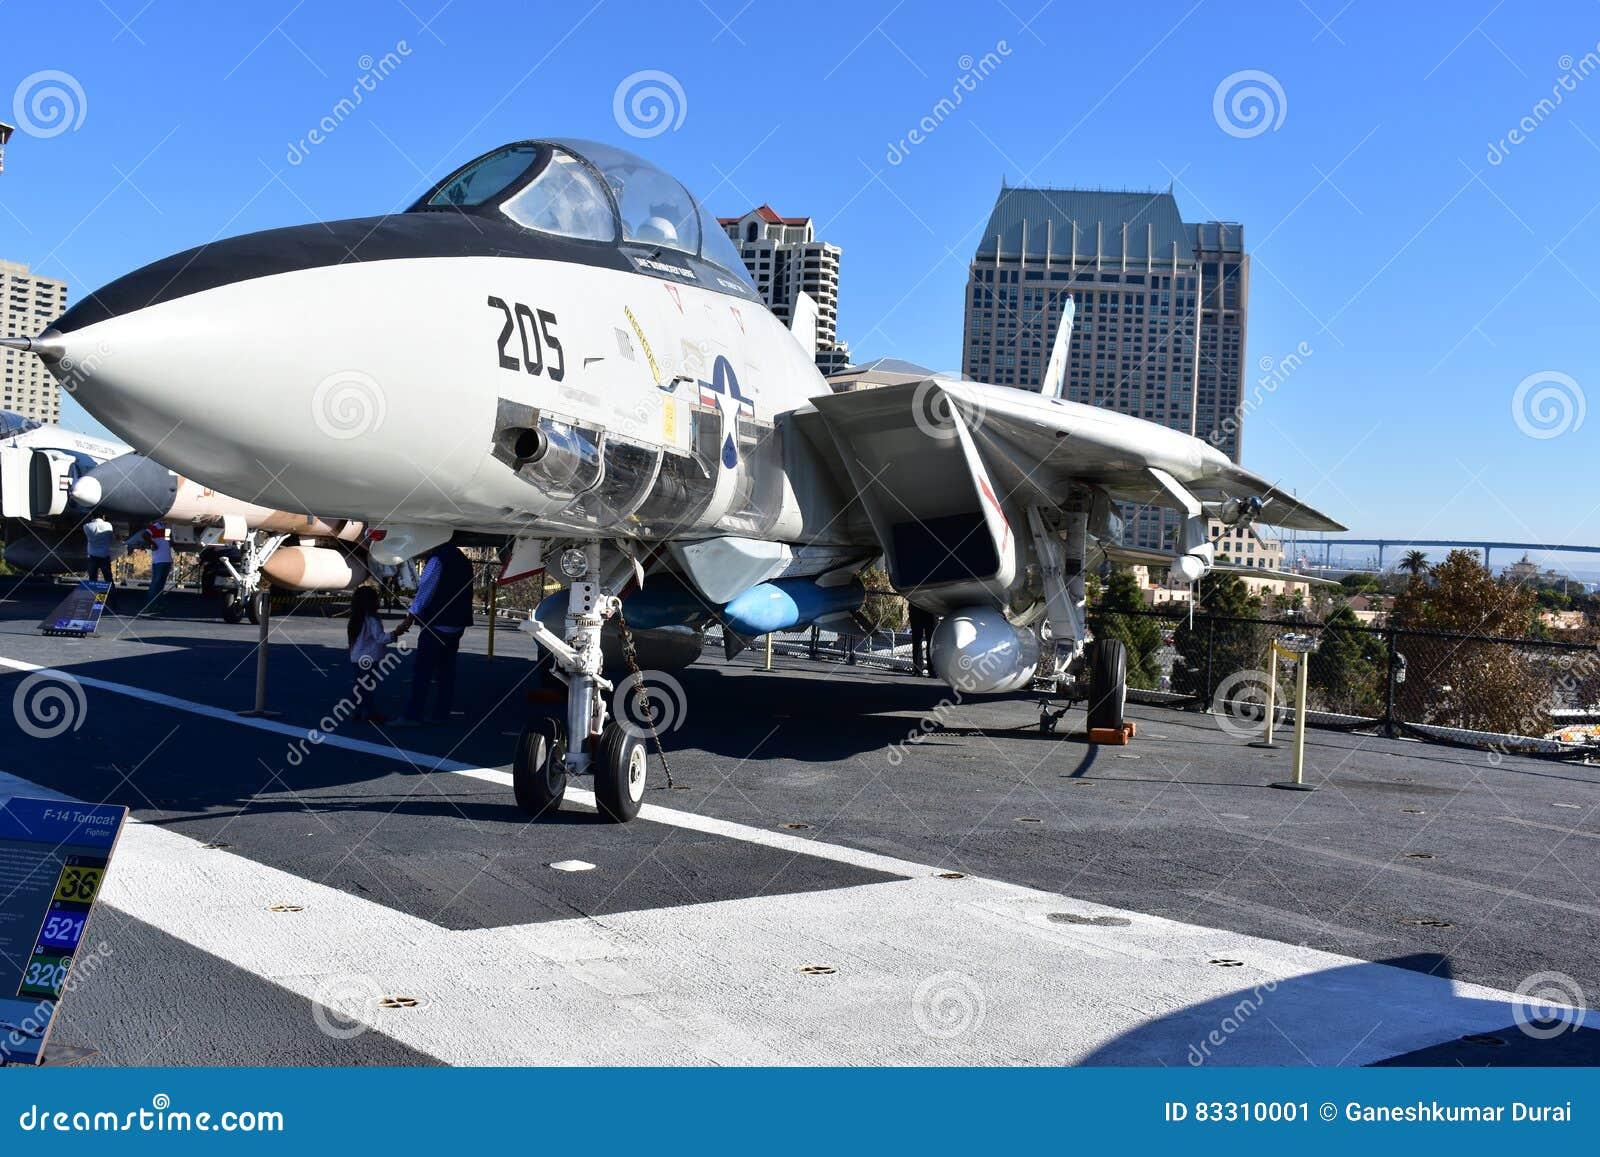 Σαν Ντιέγκο, Καλιφόρνια - ΗΠΑ - 04.2016 Δεκεμβρίου - ευρισκόμενο στη μέση του δρόμου μουσείο φ-14 USS μαχητής Tomcat